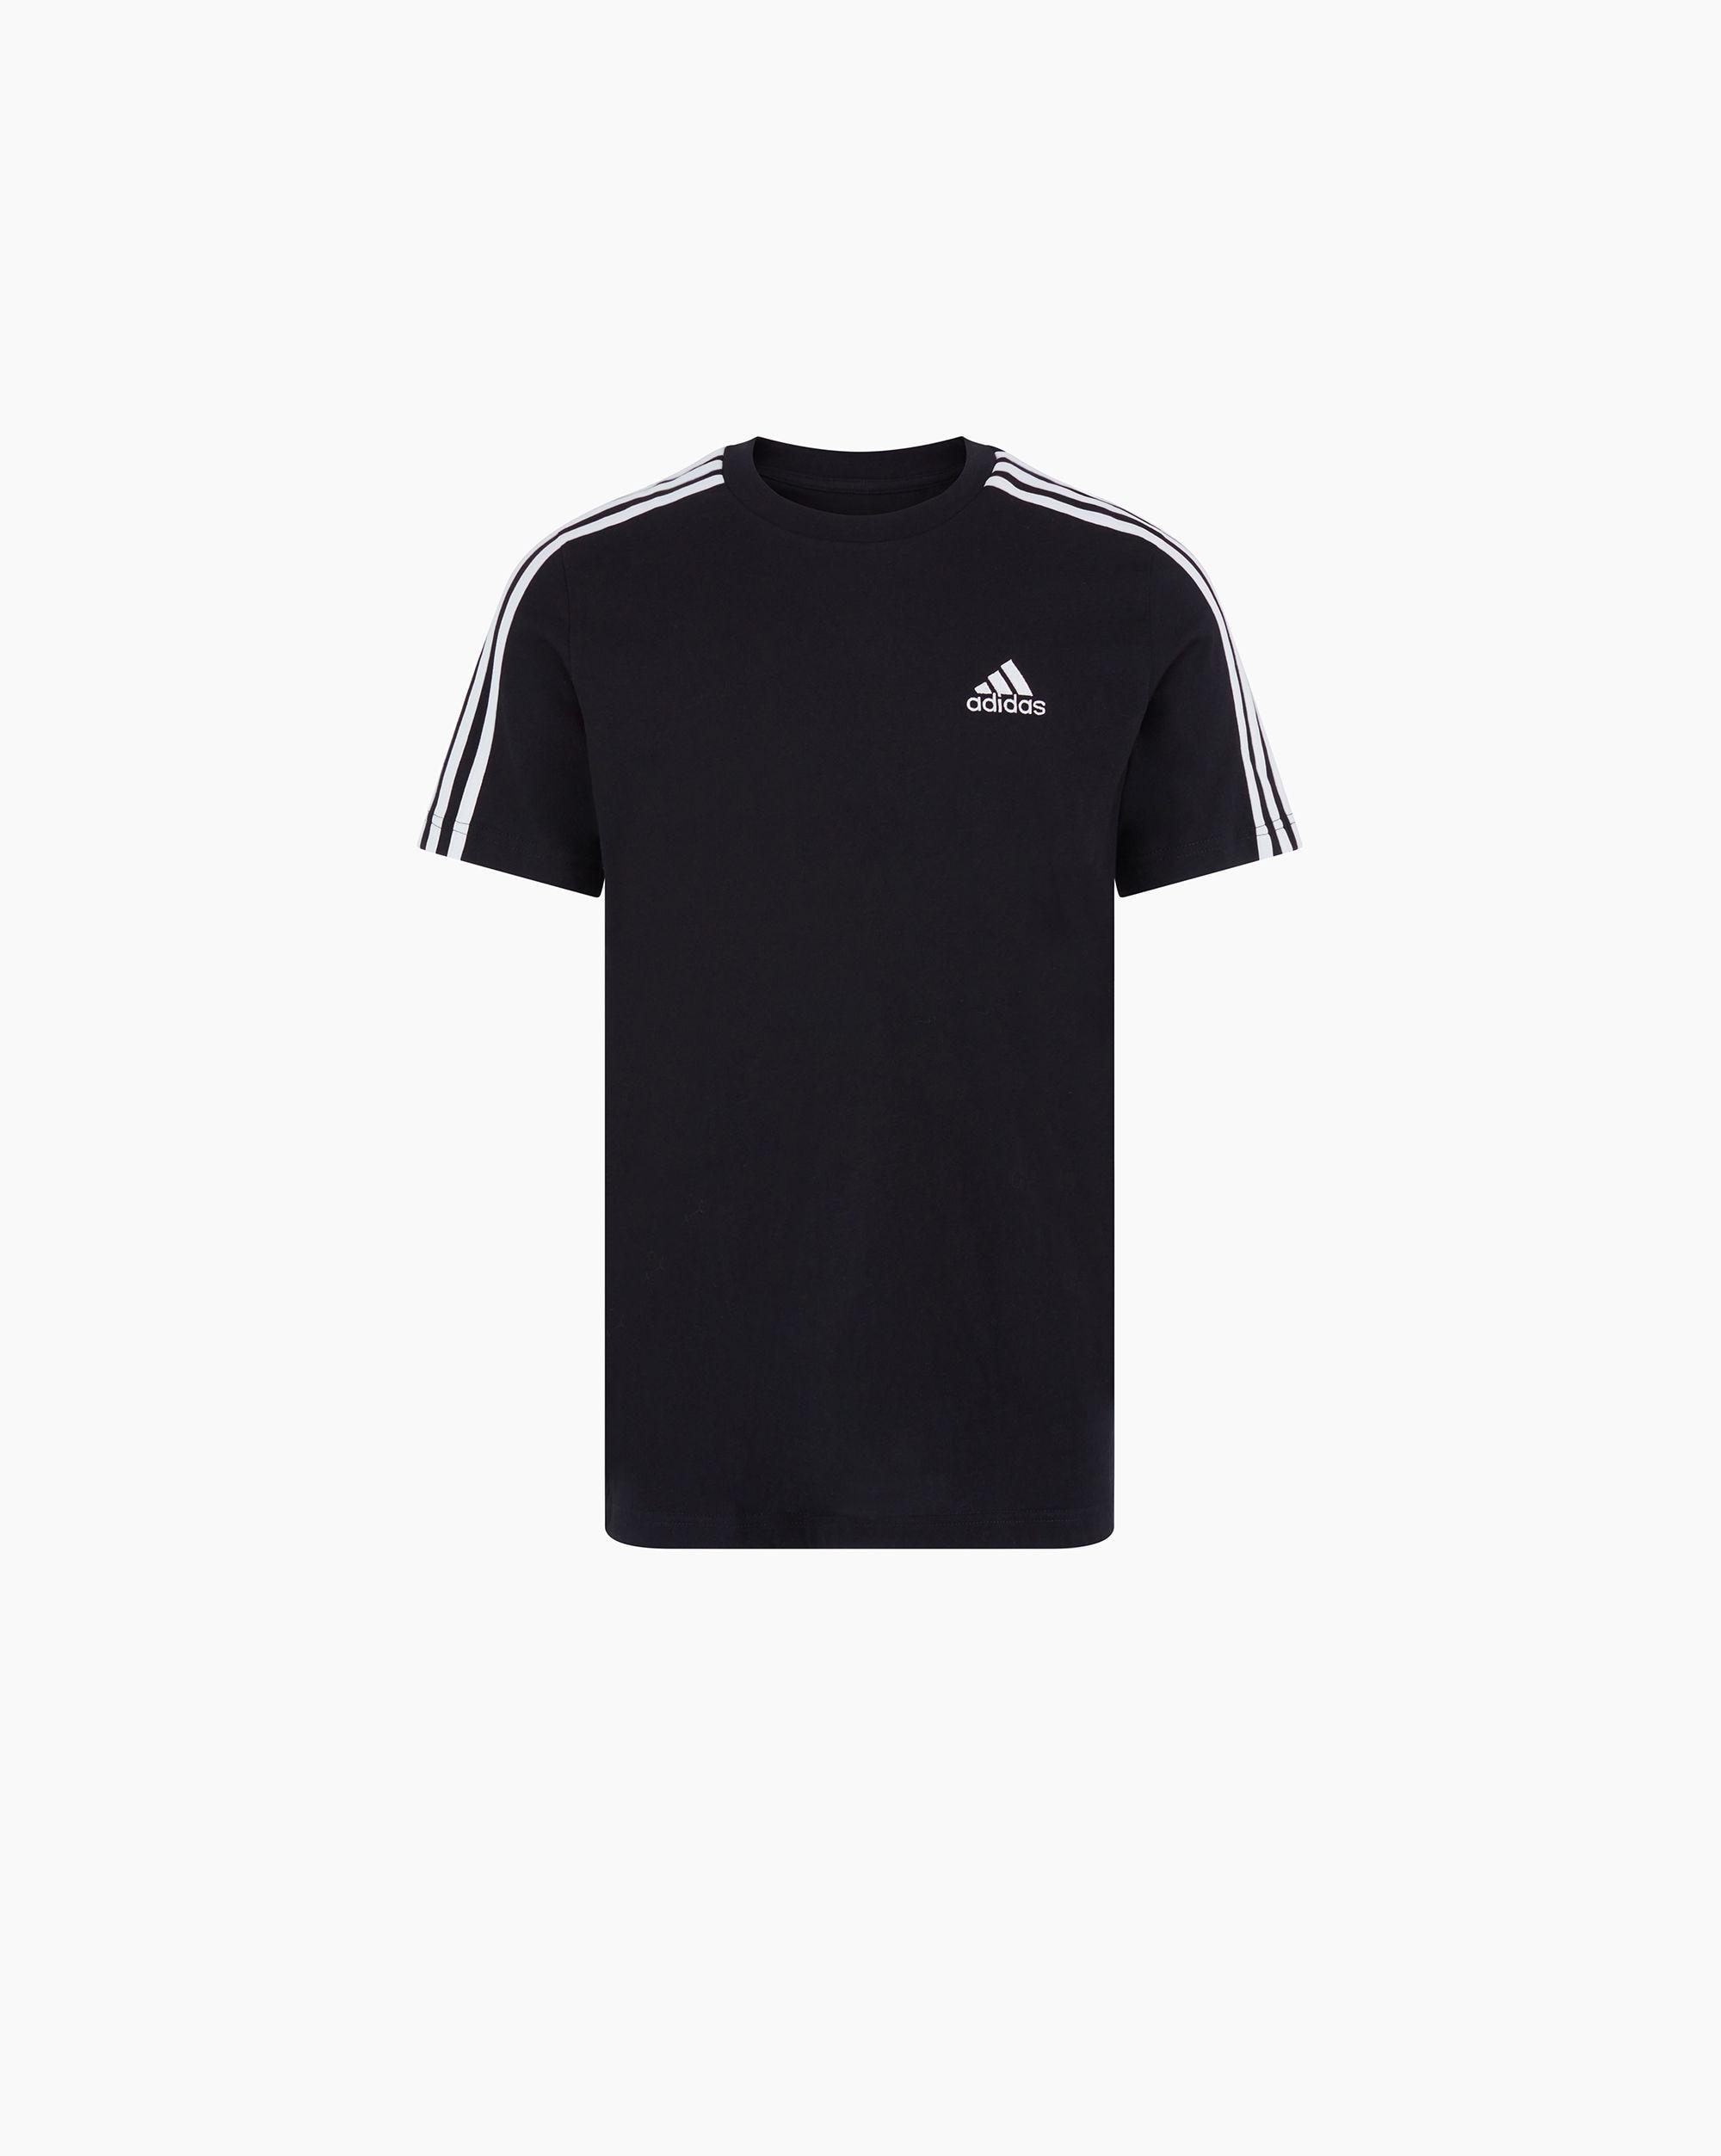 Adidas T-shirt Essentials 3-Stripes Uomo